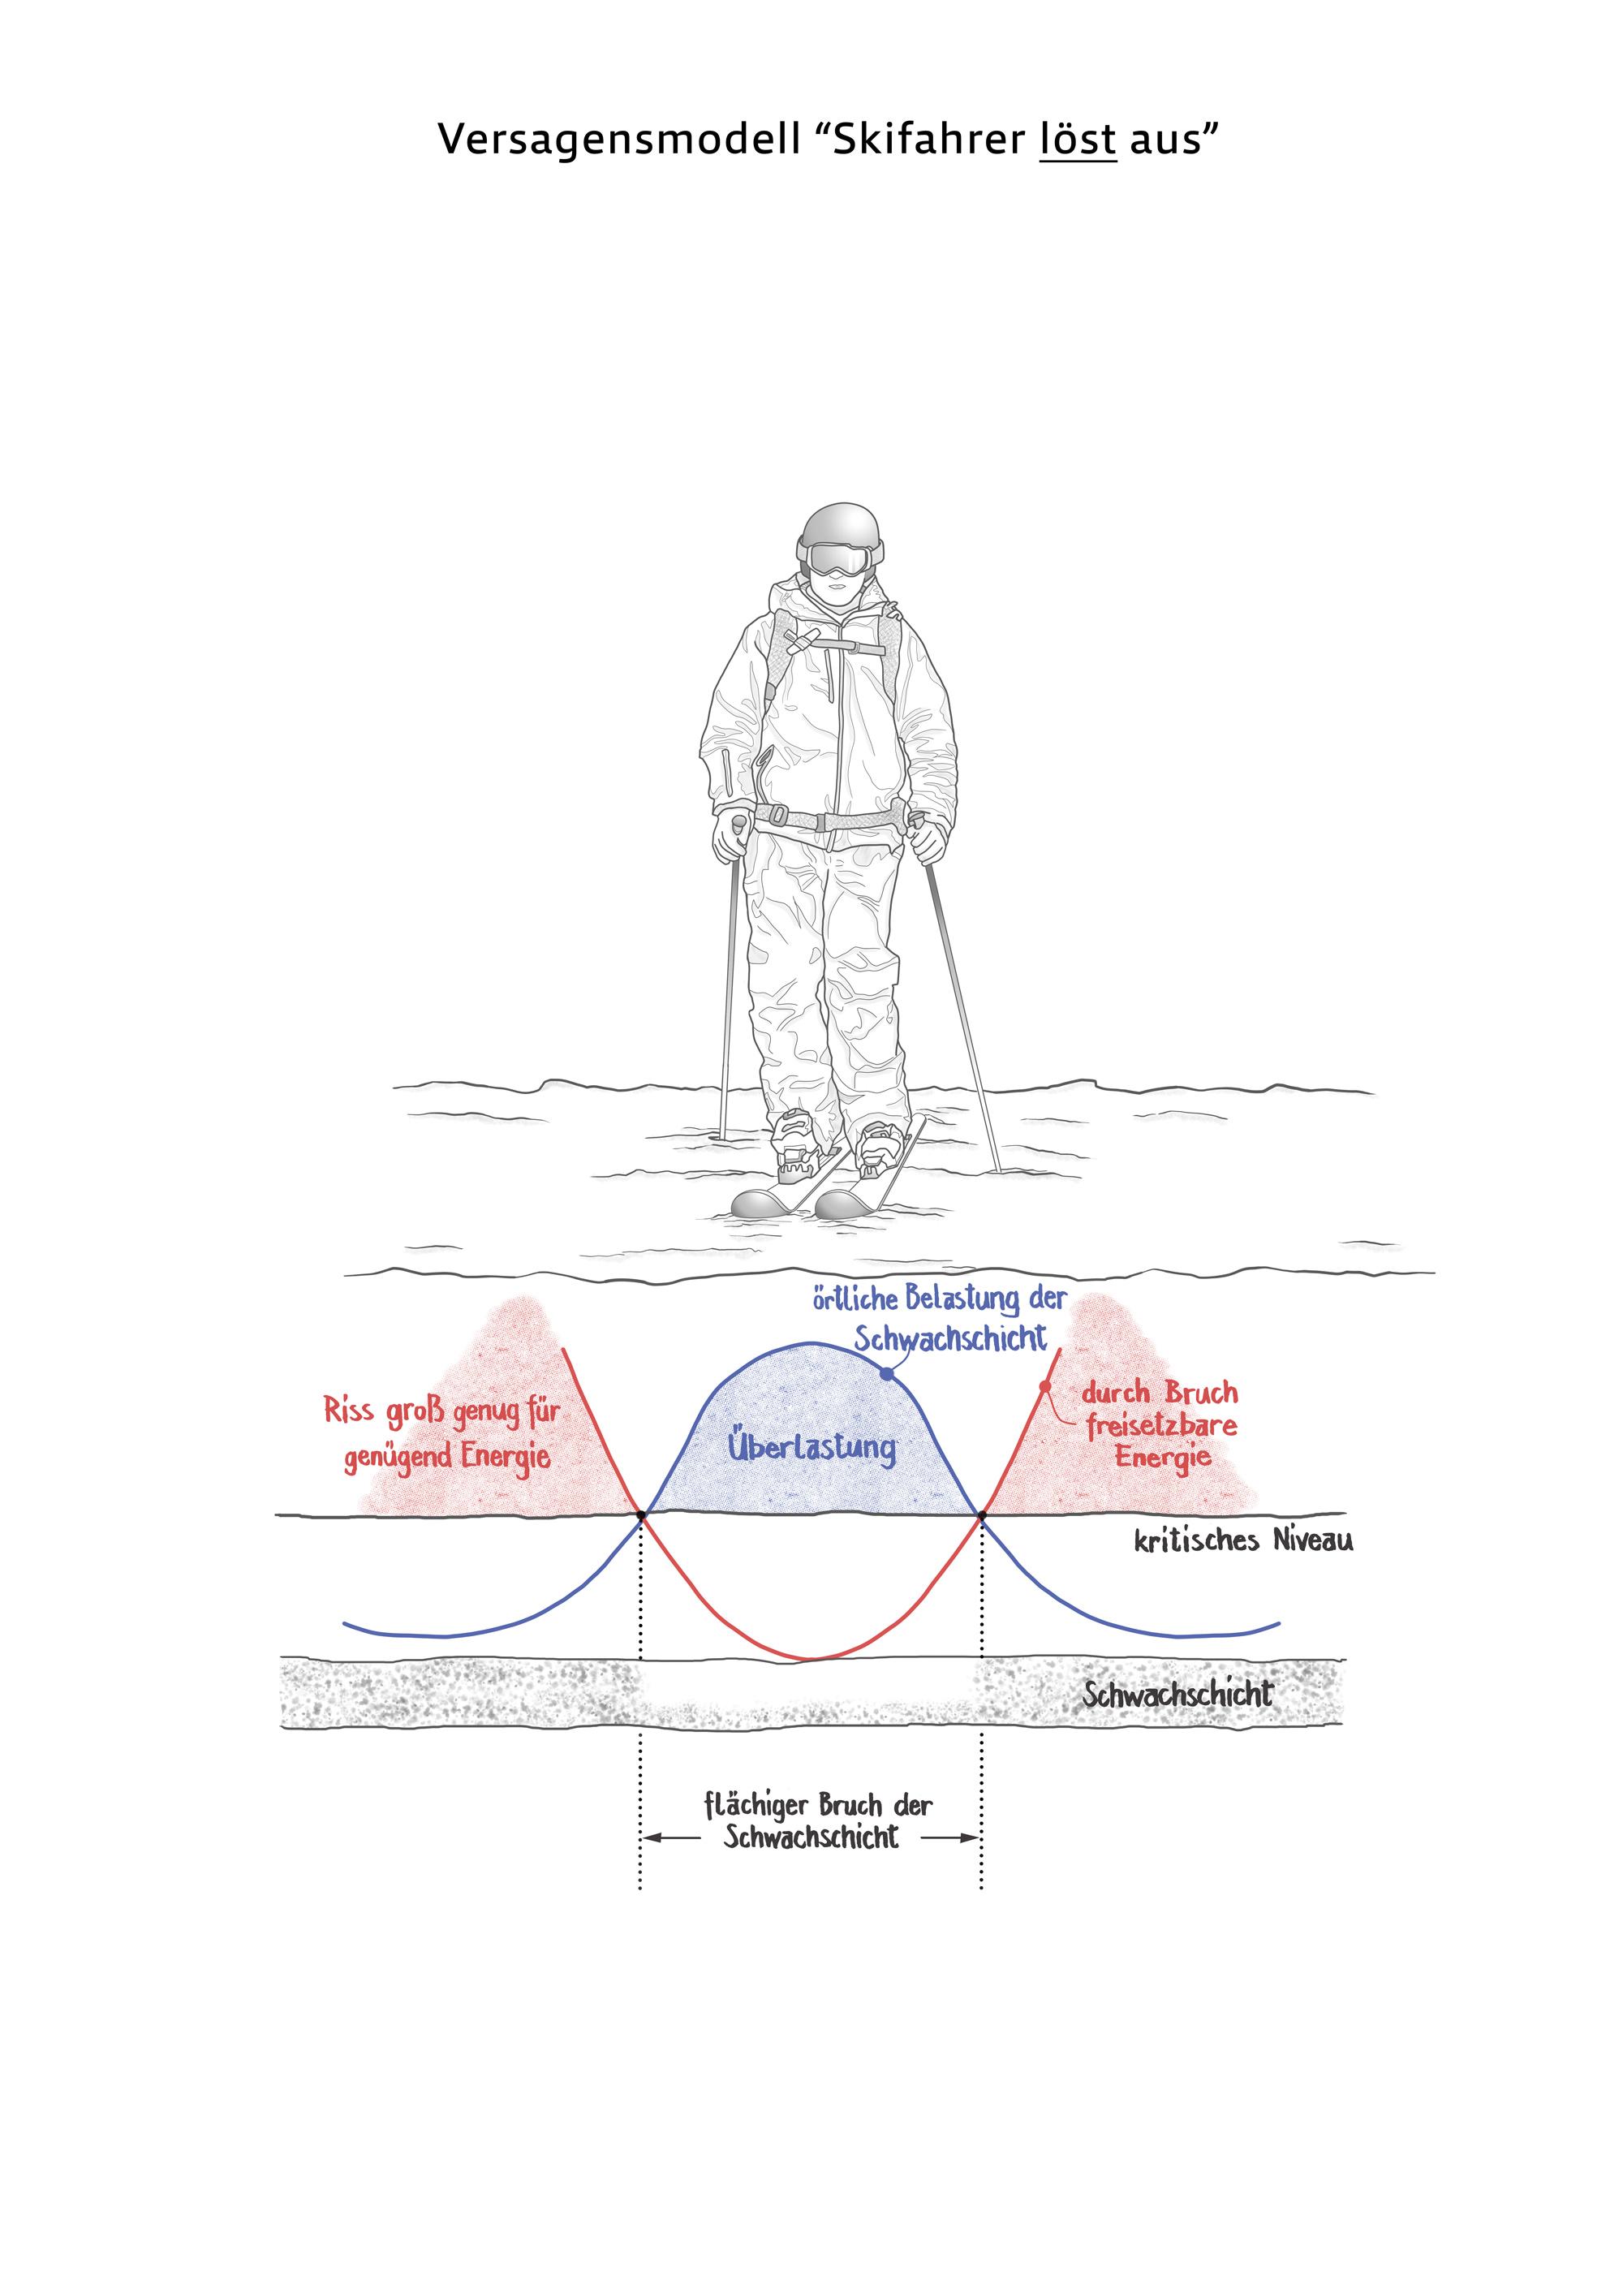 """Bruchmechanik der Schwachschicht Philipp Weißgraeber, Philipp Rosendahl Schneebrettlawinen. #bergundsteigen105 ---------------- """"Wumm-Geräusche, Fernauslösungen, sich von selbst lösende Schneebretter - dass dies Zeichen einer instabilen Schneedecke sind, ist bekannt. Obwohl die mathematische Beschreibung solcher Vorgänge äußerst anspruchsvoll ist, lassen sich nun mit Methoden der modernen Bruchmechanik modellieren. Ein Diskussionsbeitrag."""" Pic by @mtnmvmnt"""